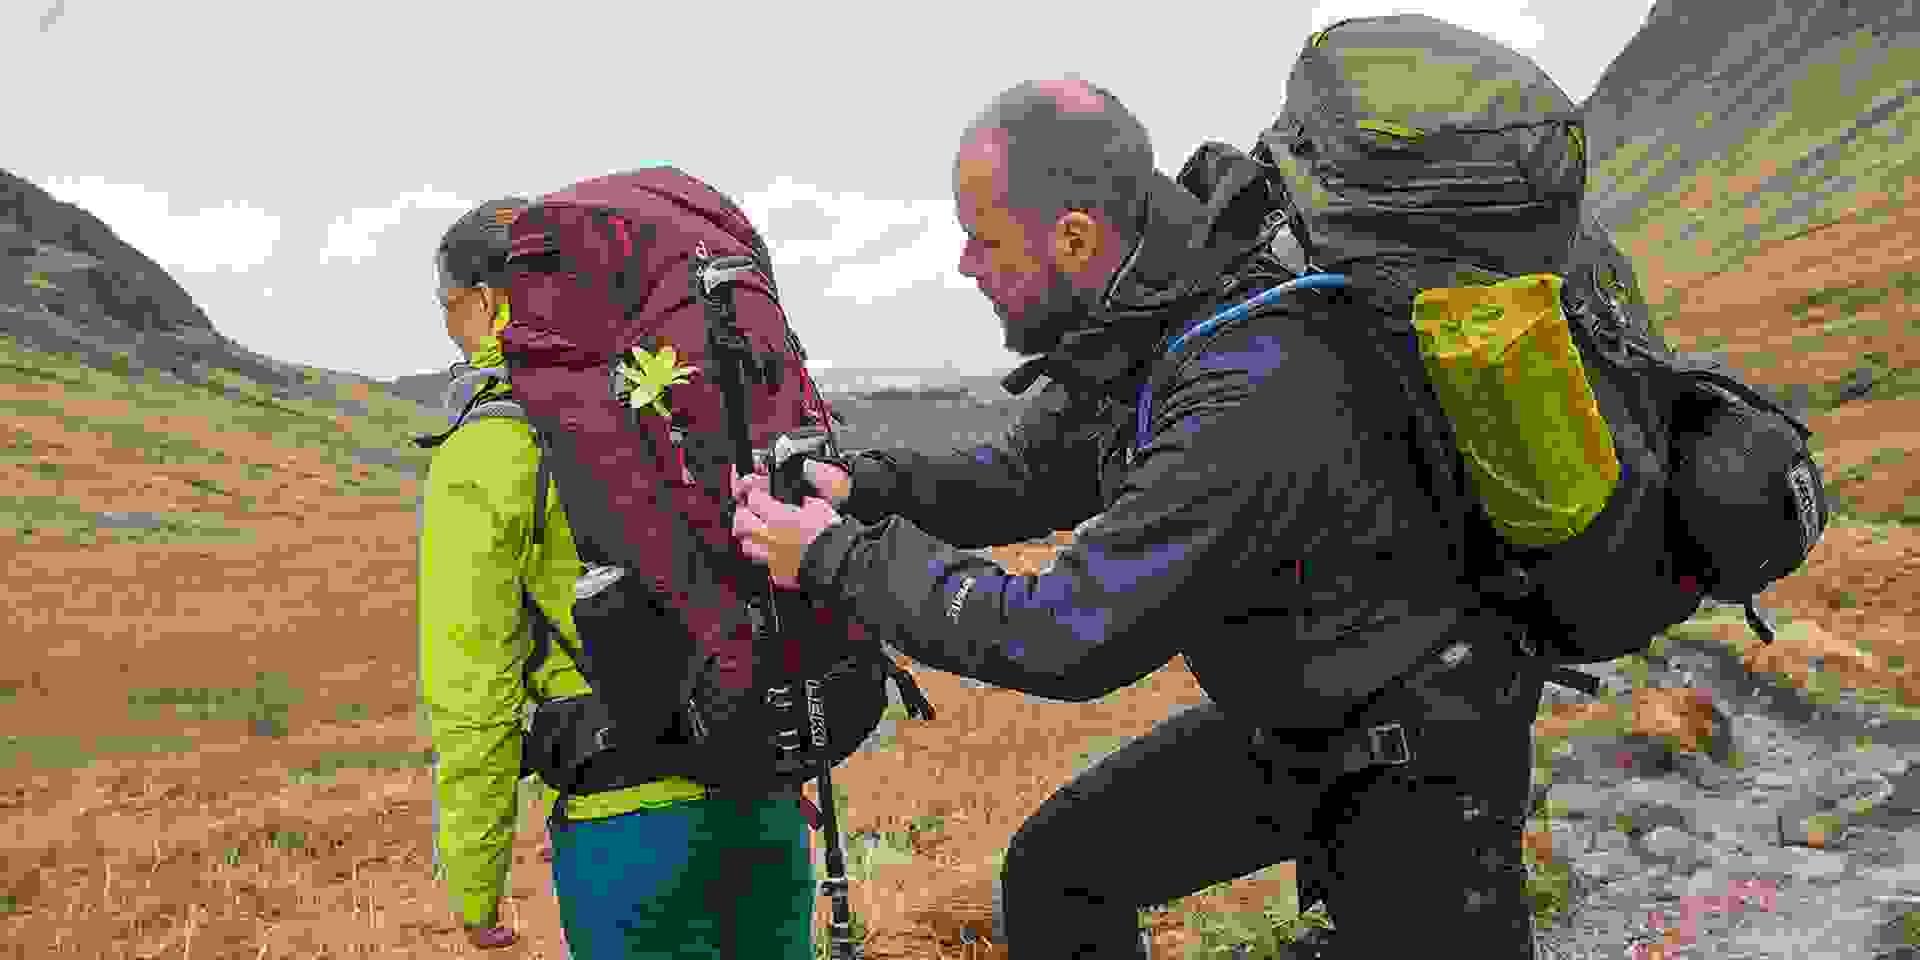 Ein Mann stellt die Schlaufen des Rucksacks einer Frau richtig ein.